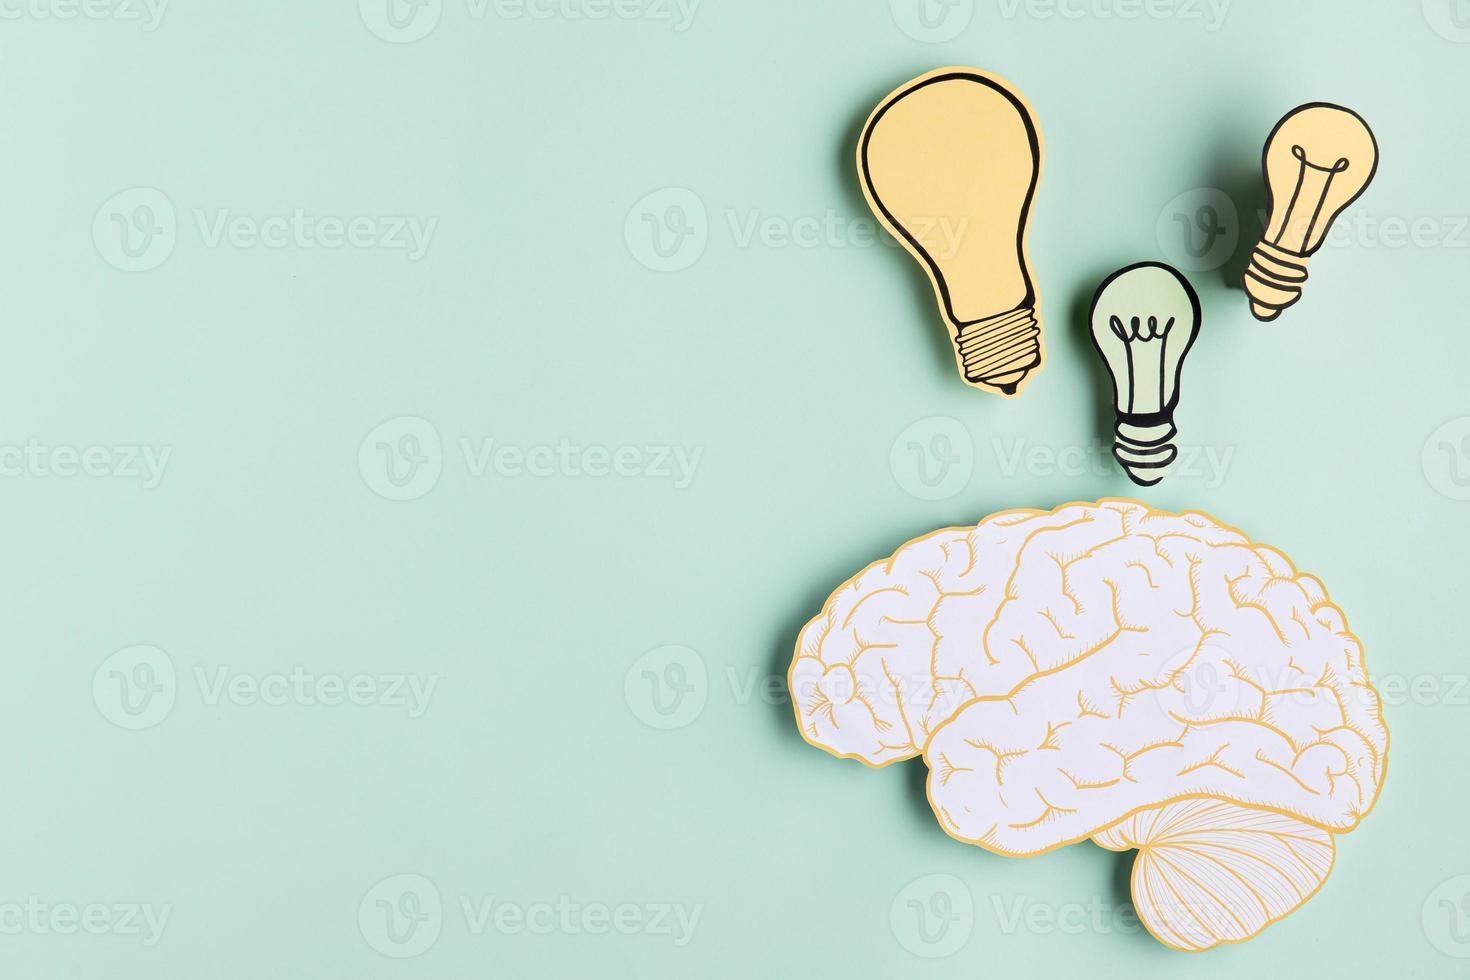 copia spazio cervello di carta con lampadina su sfondo menta foto